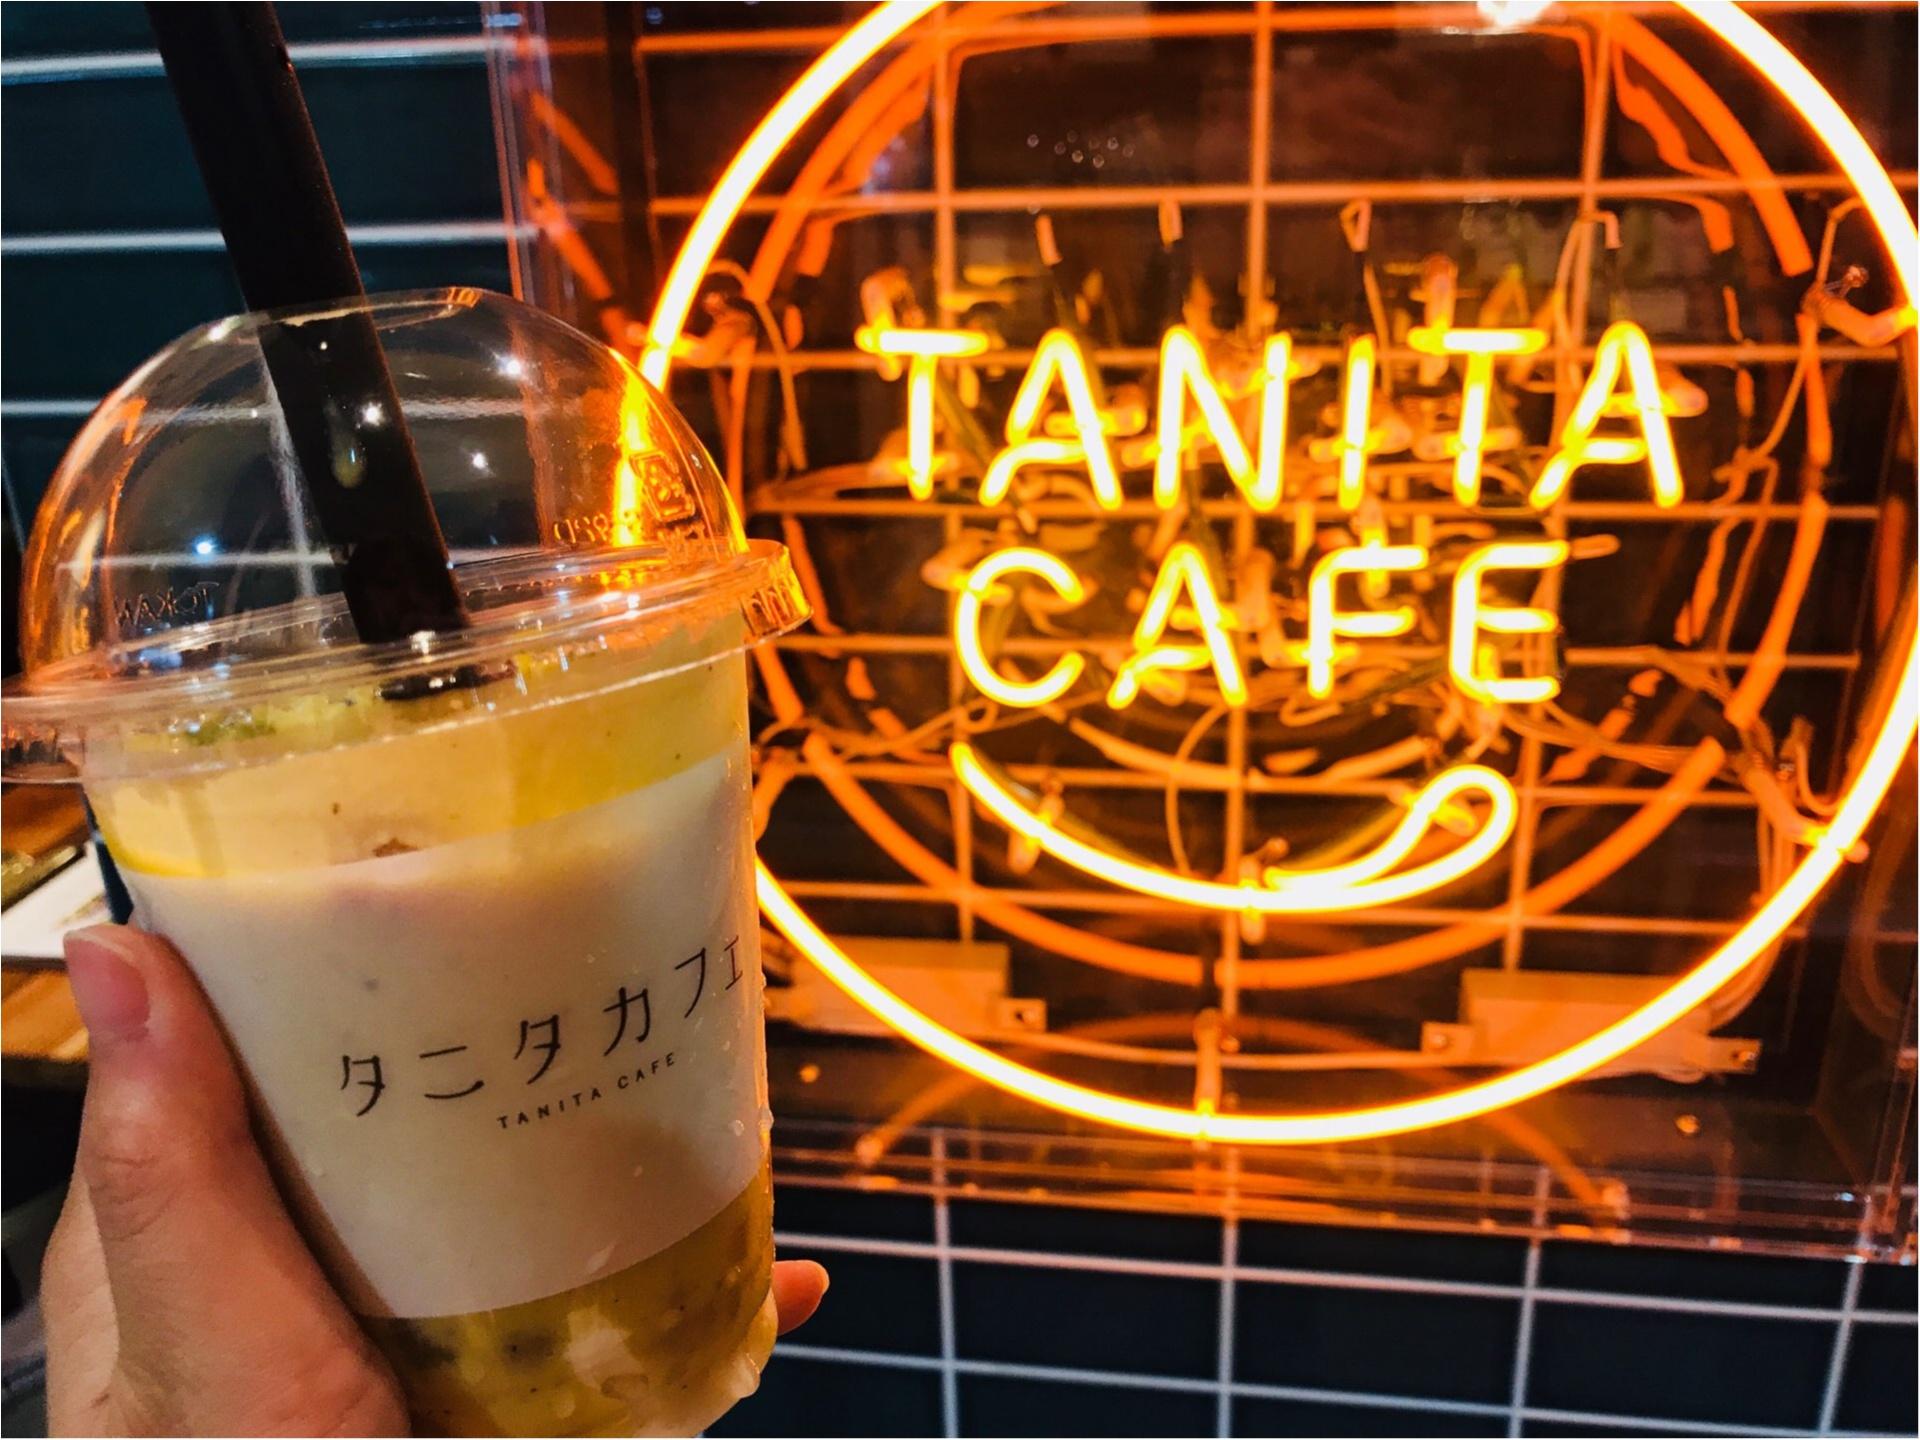 """【タニタカフェ】ダイエットの強い味方!""""噛む""""スムージー《カムージー》って?_4"""